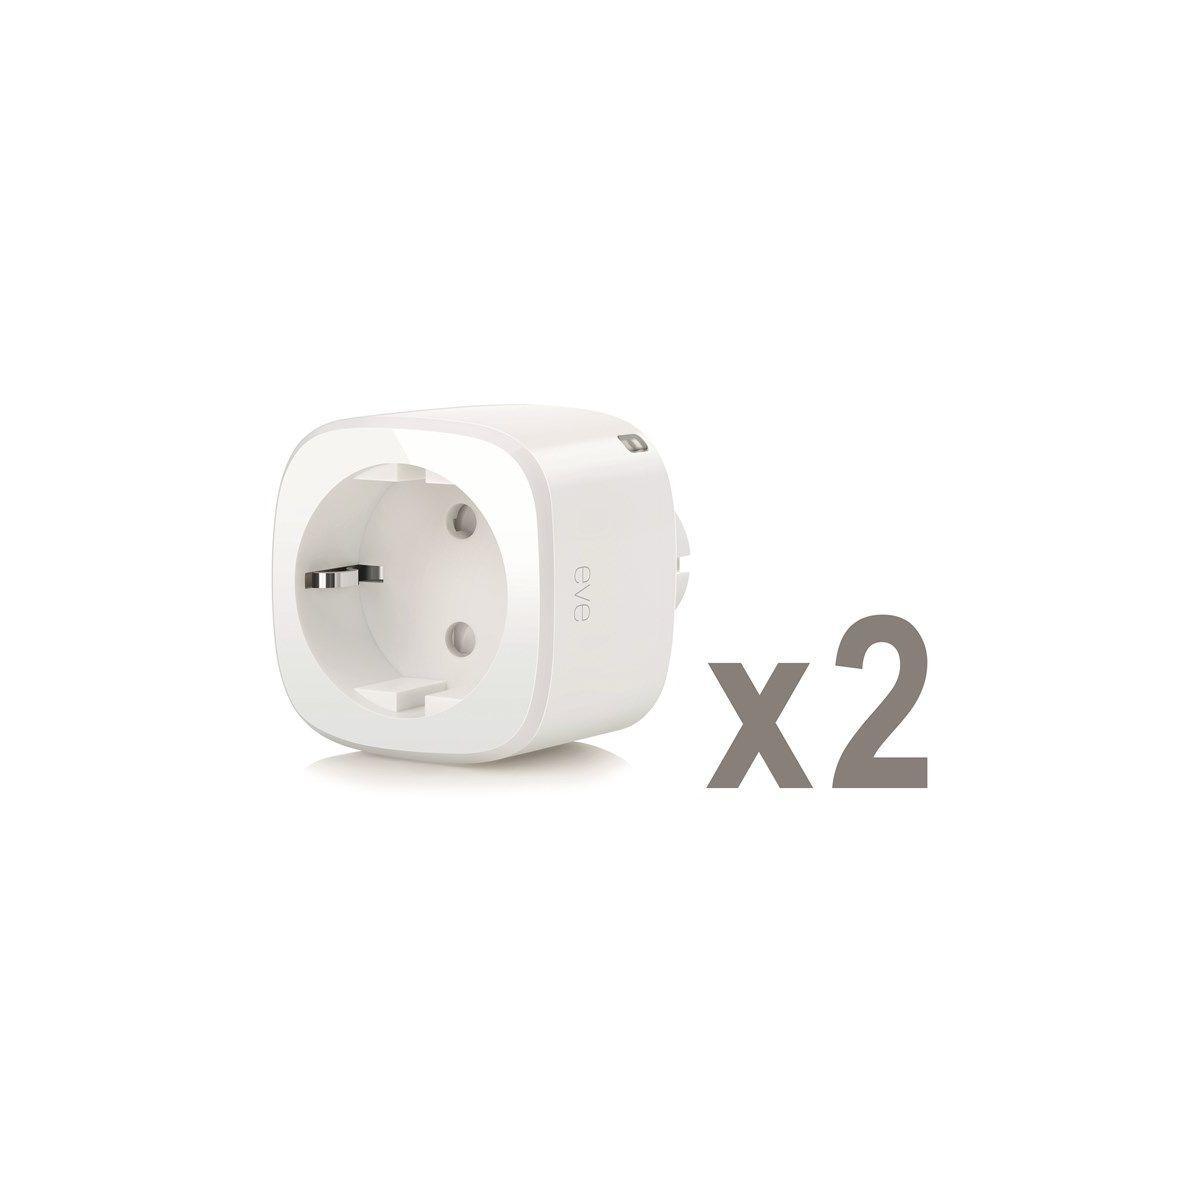 Prise connect�e elgato pack de 2 prises connet�es - 7% de remise imm�diate avec le code : school7 (photo)